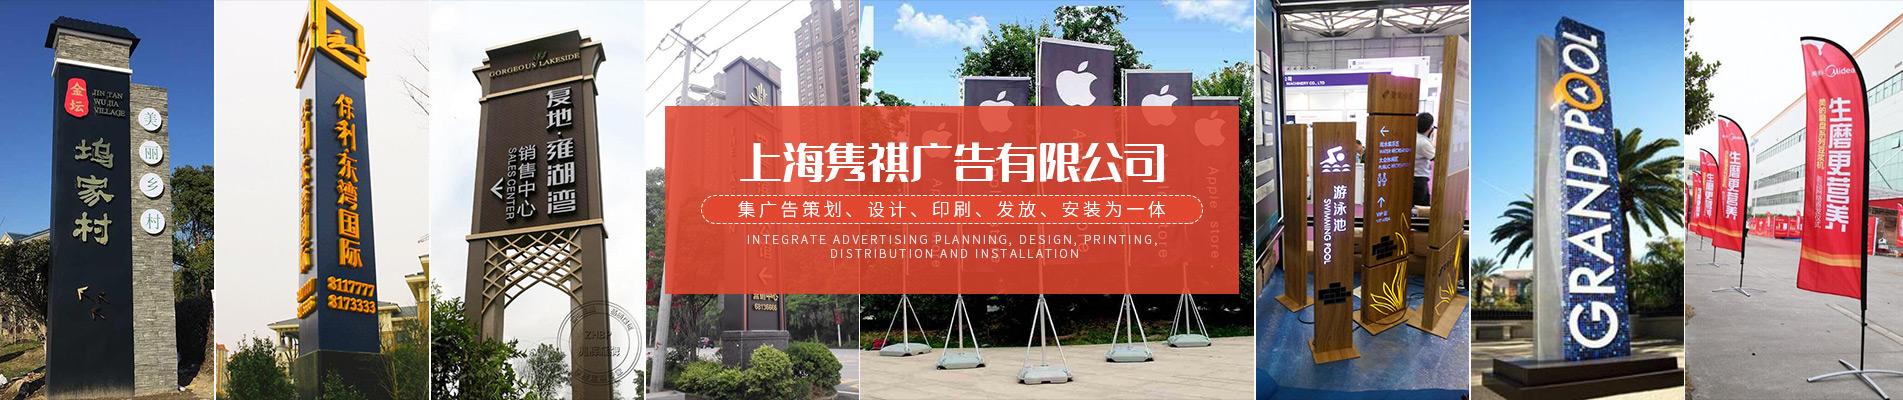 上海隽祺广告有限公司